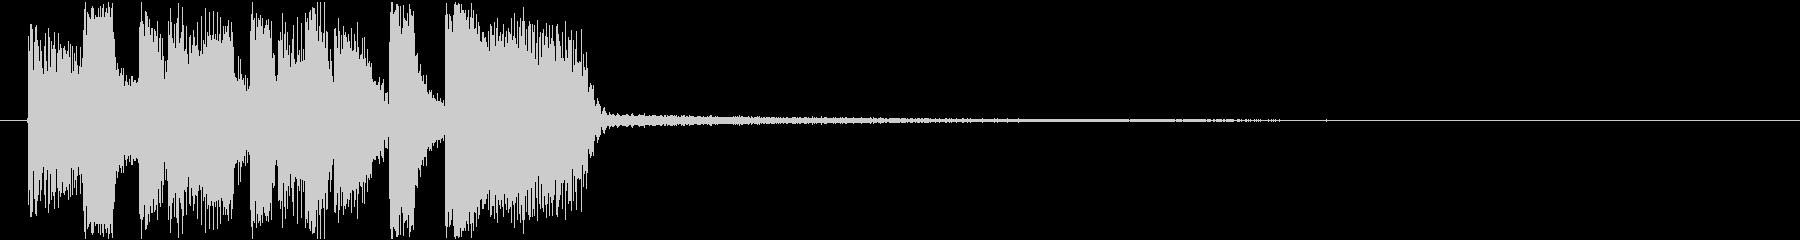 トランペットのかっこいいアイキャッチの未再生の波形